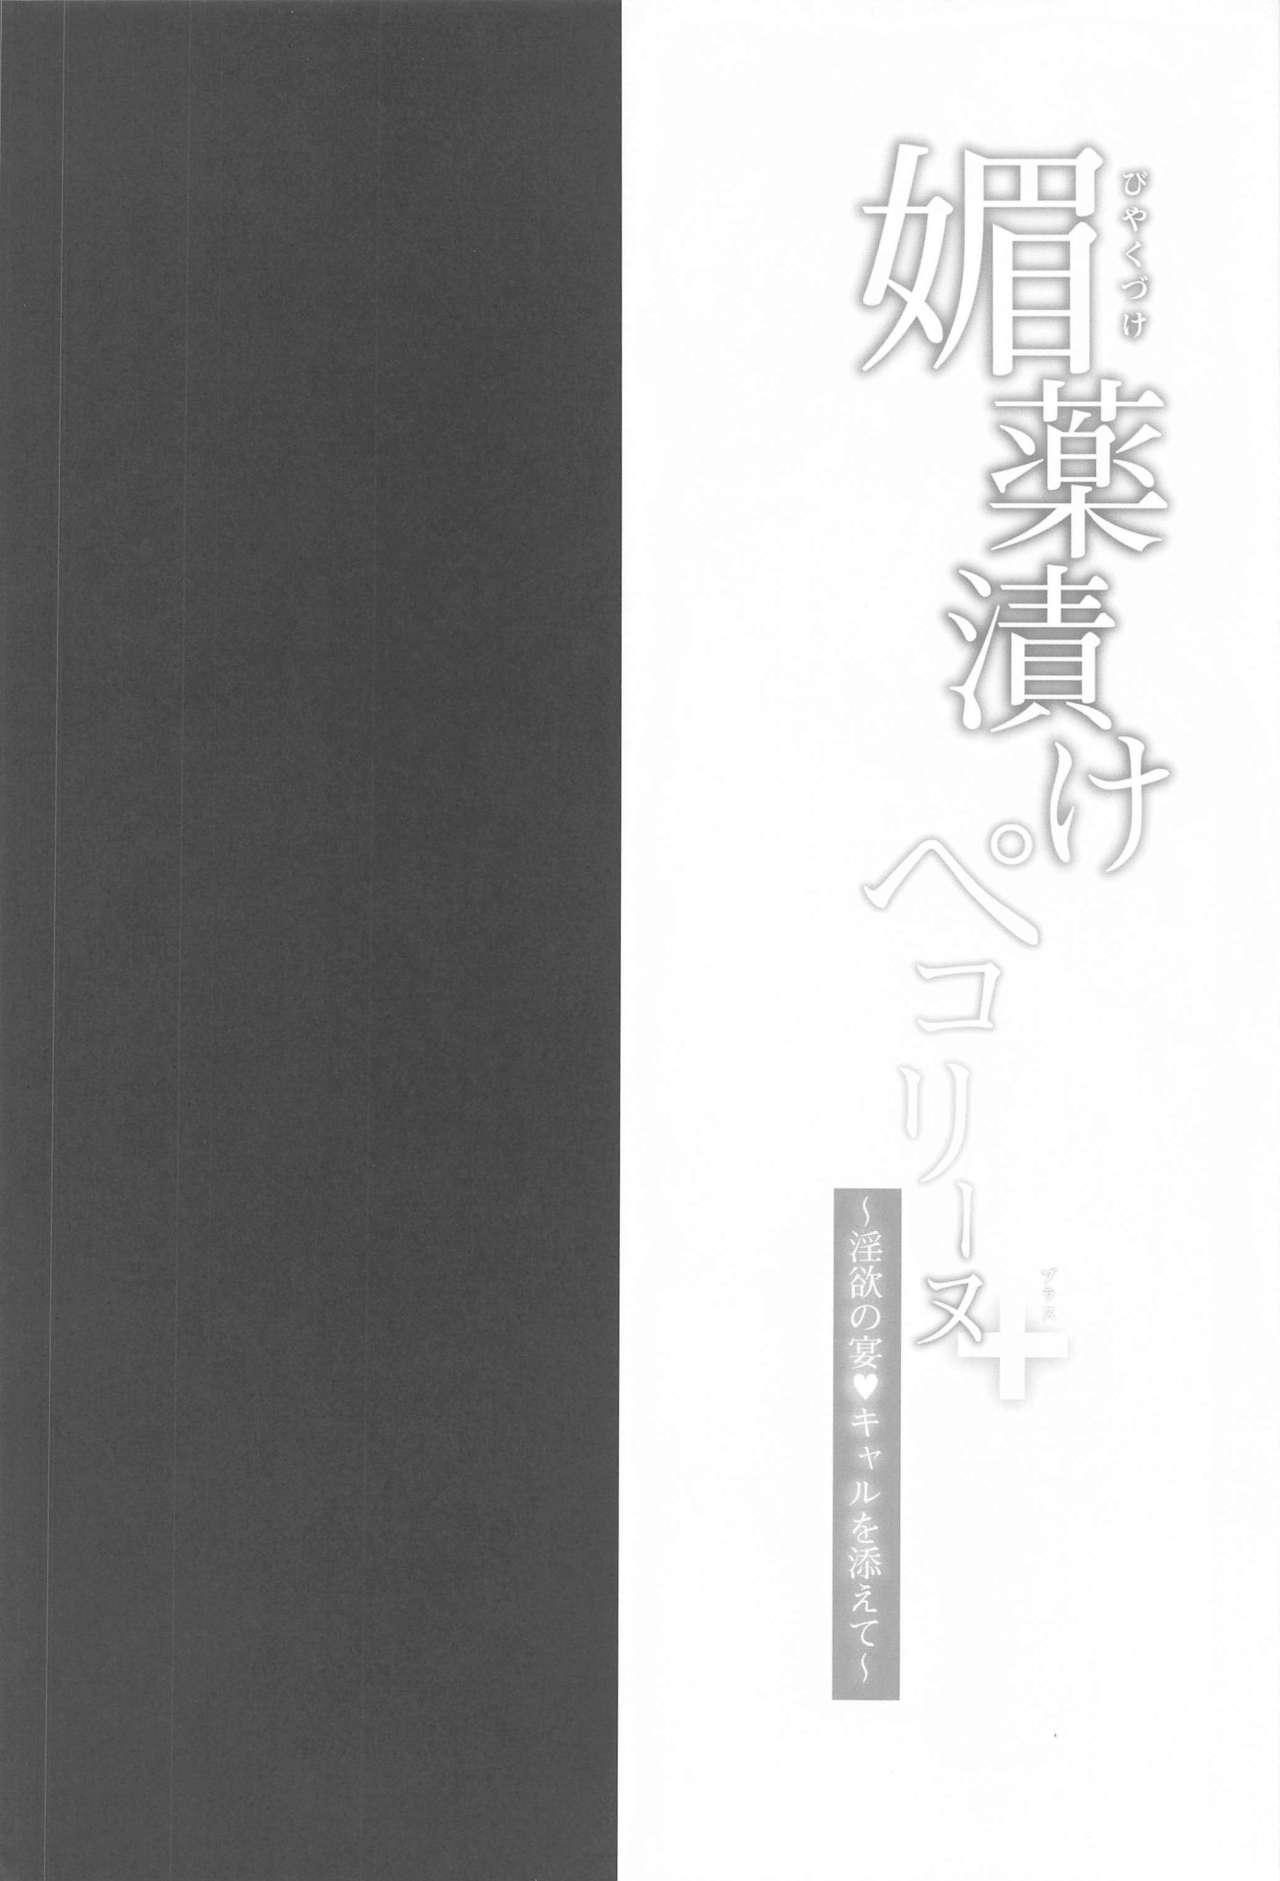 Biyakuzuke Pecorine+ 3